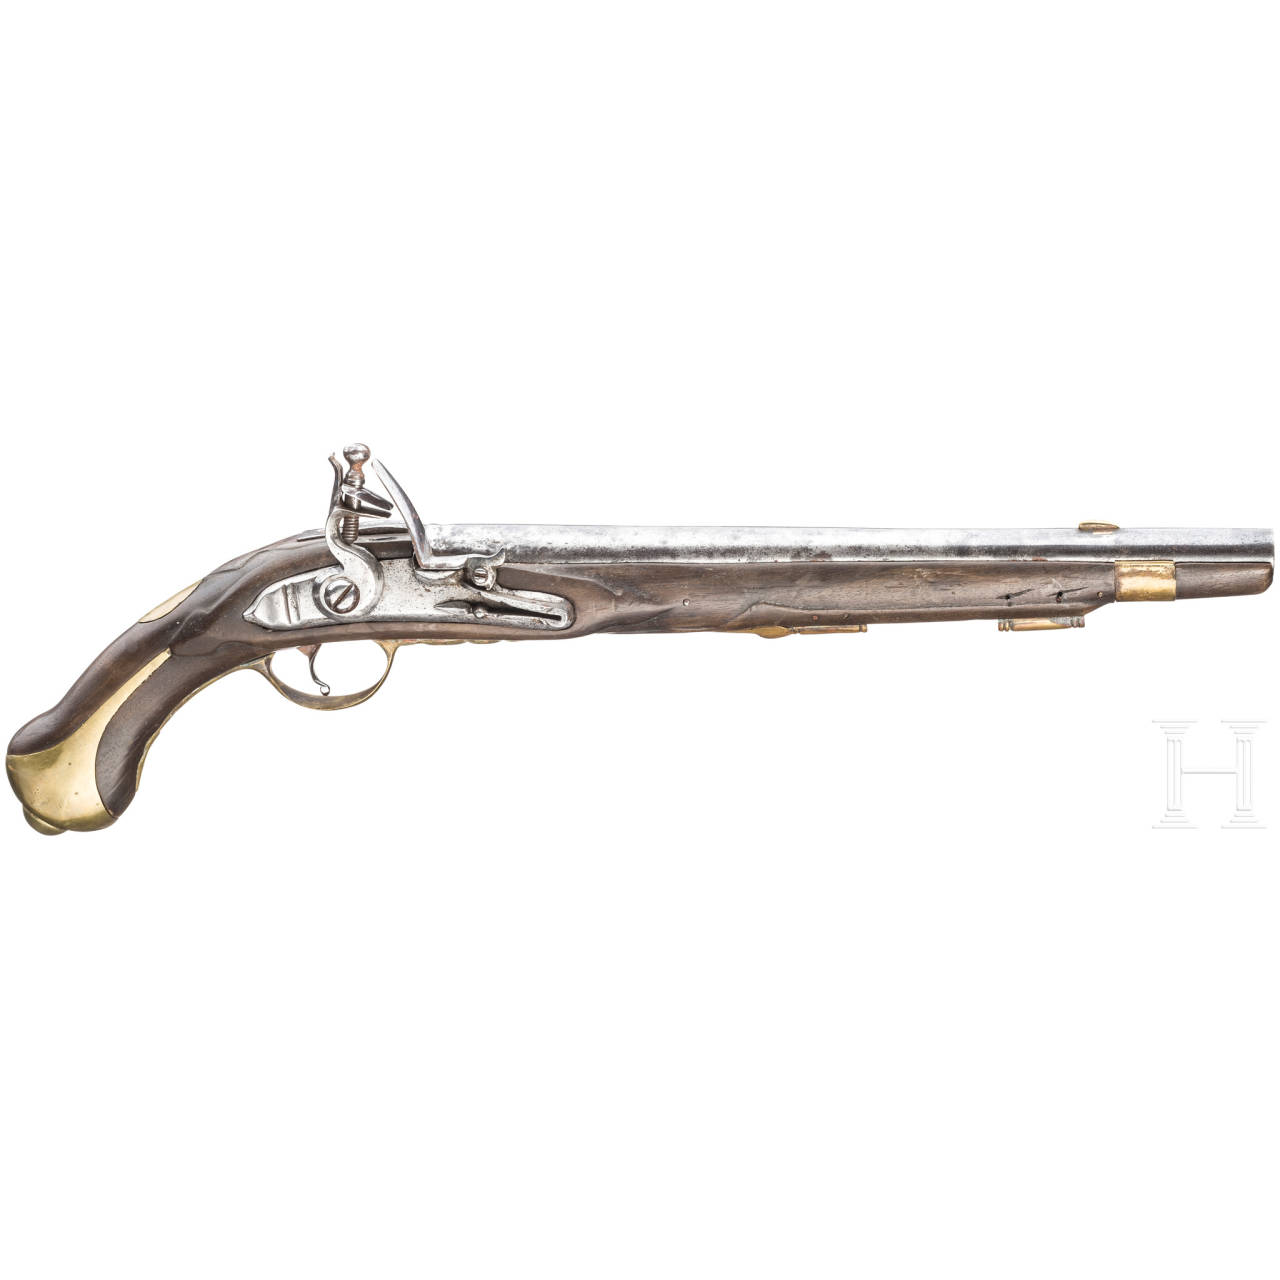 Kavalleriepistole, ähnlich M 1723, Preußen